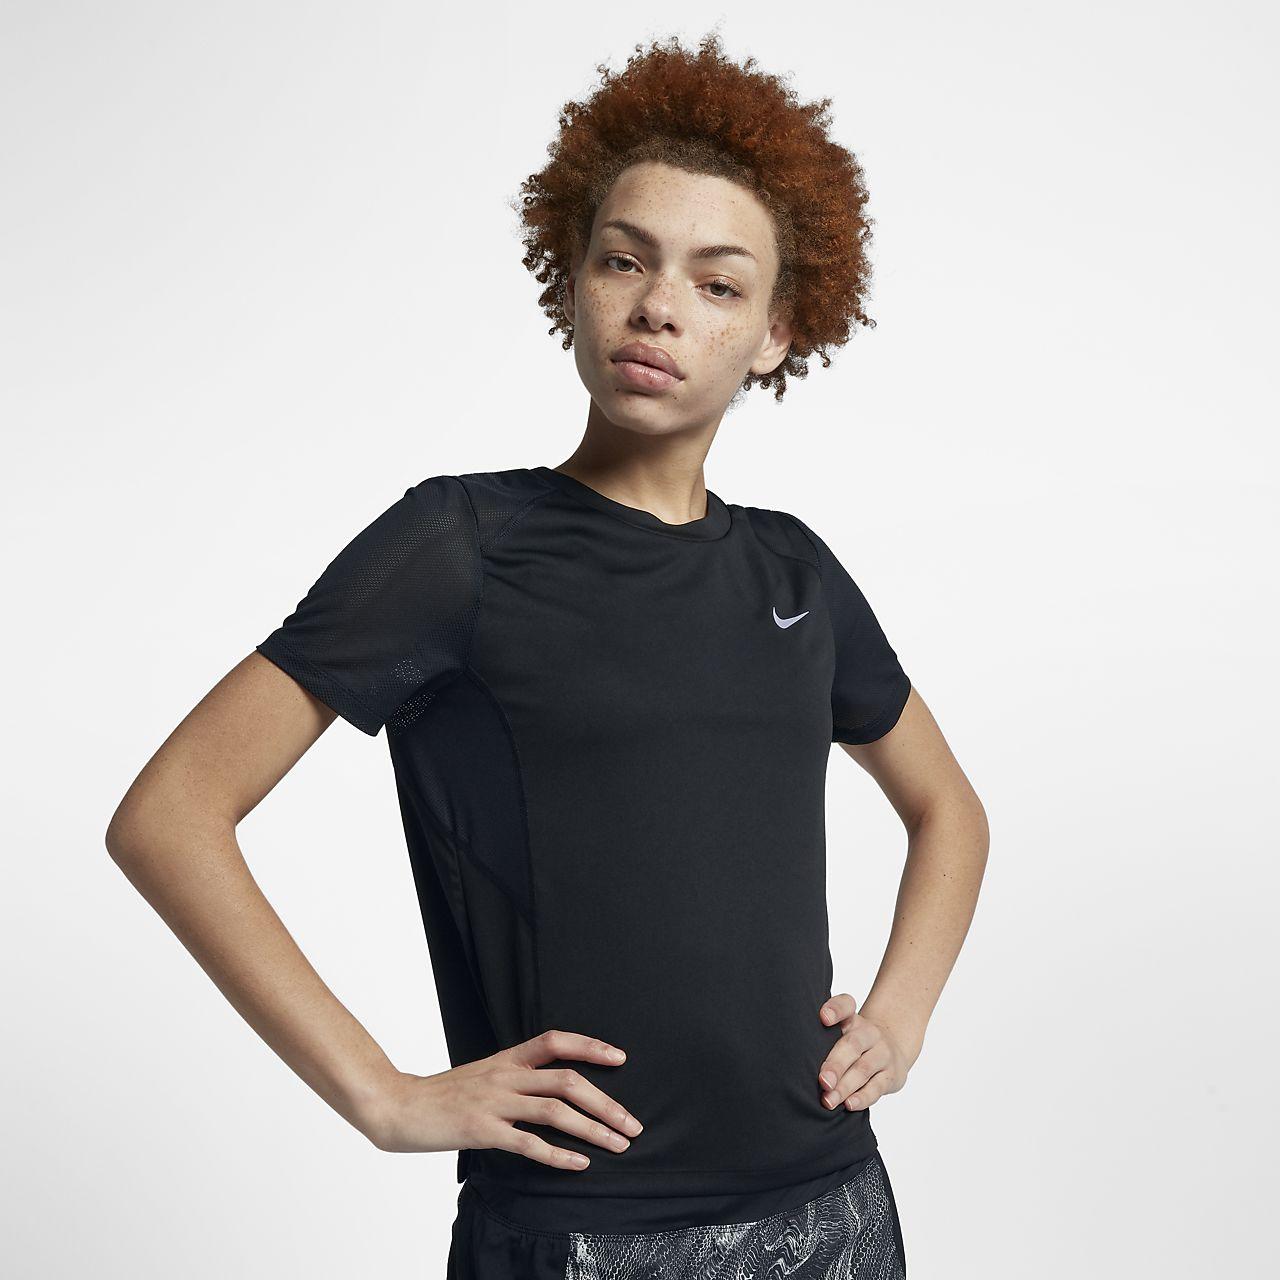 nueva alta calidad venta caliente mejor elección Top de running de manga corta para mujer Nike Dri-FIT Miler